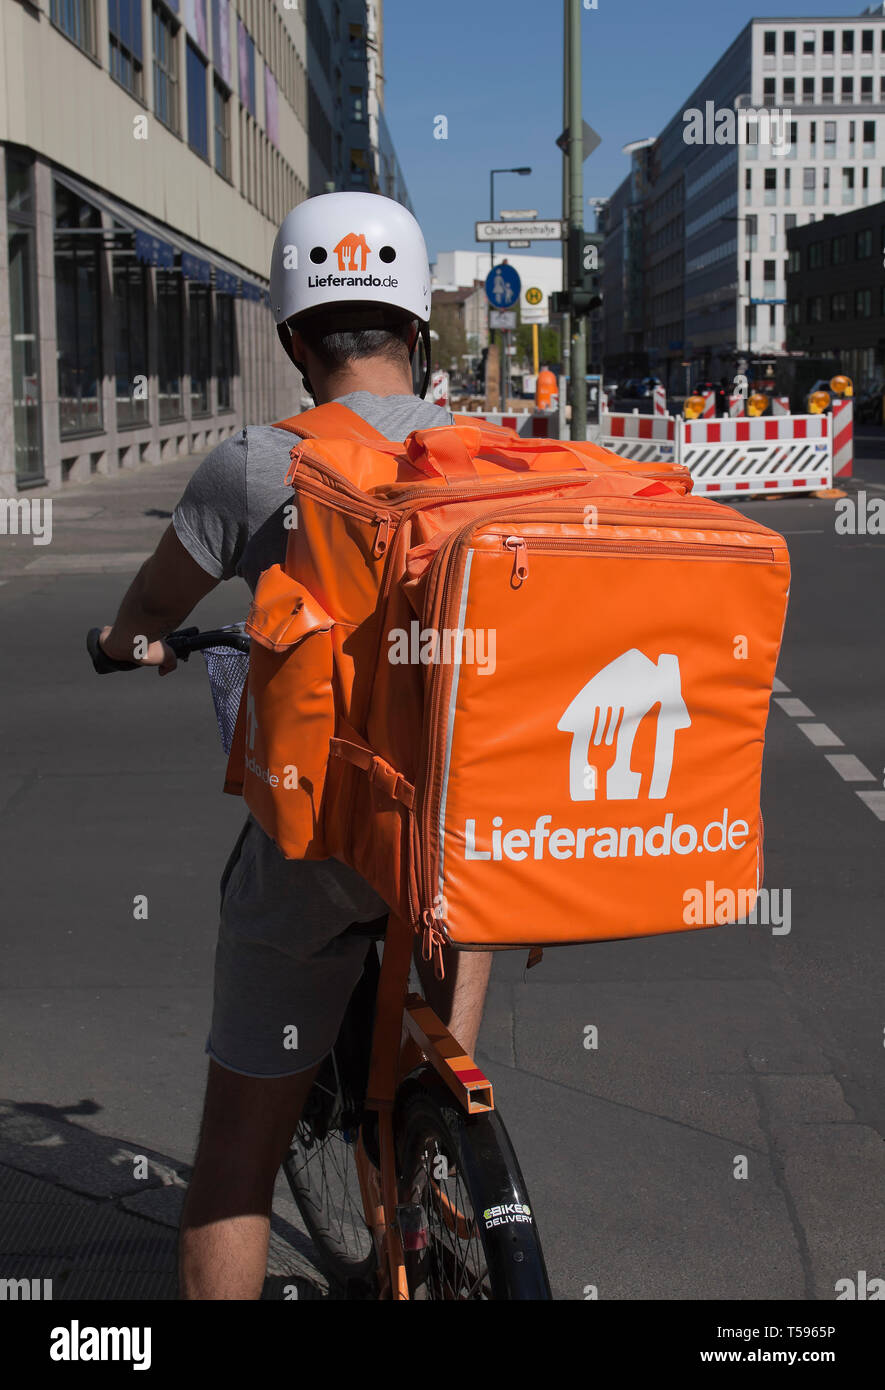 Servicio de entrega de ciclistas de Lieferando en Berlín. Foto de stock